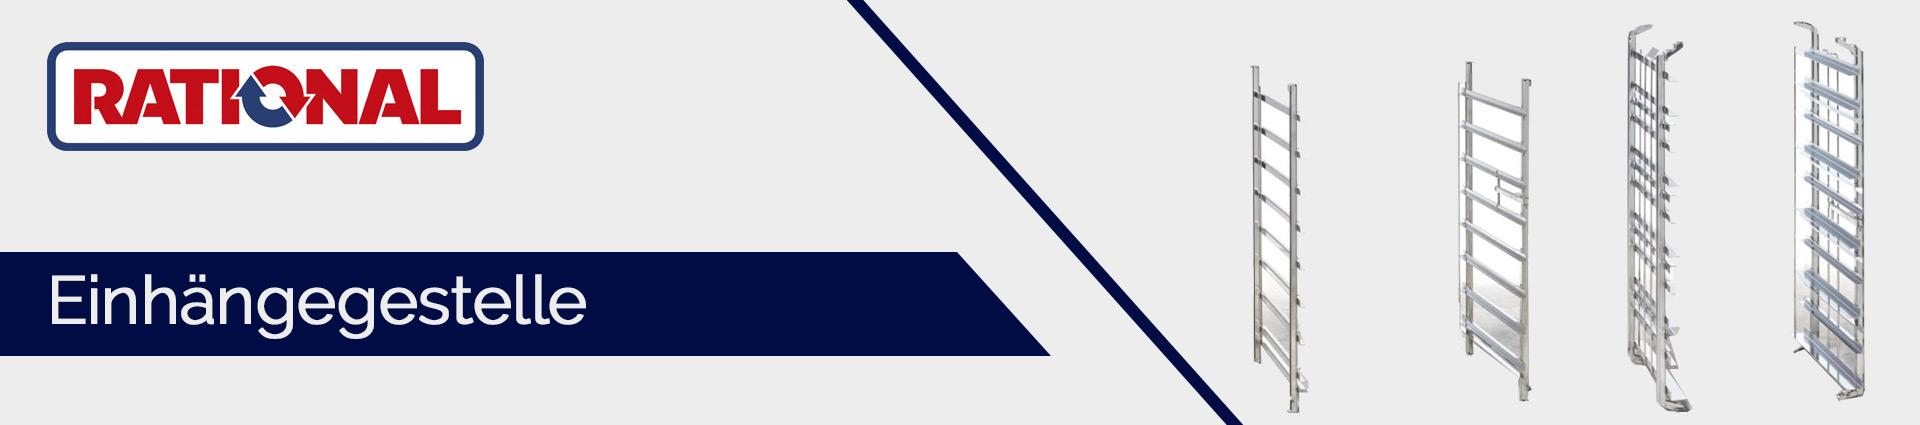 Rational Einhängegestelle Banner